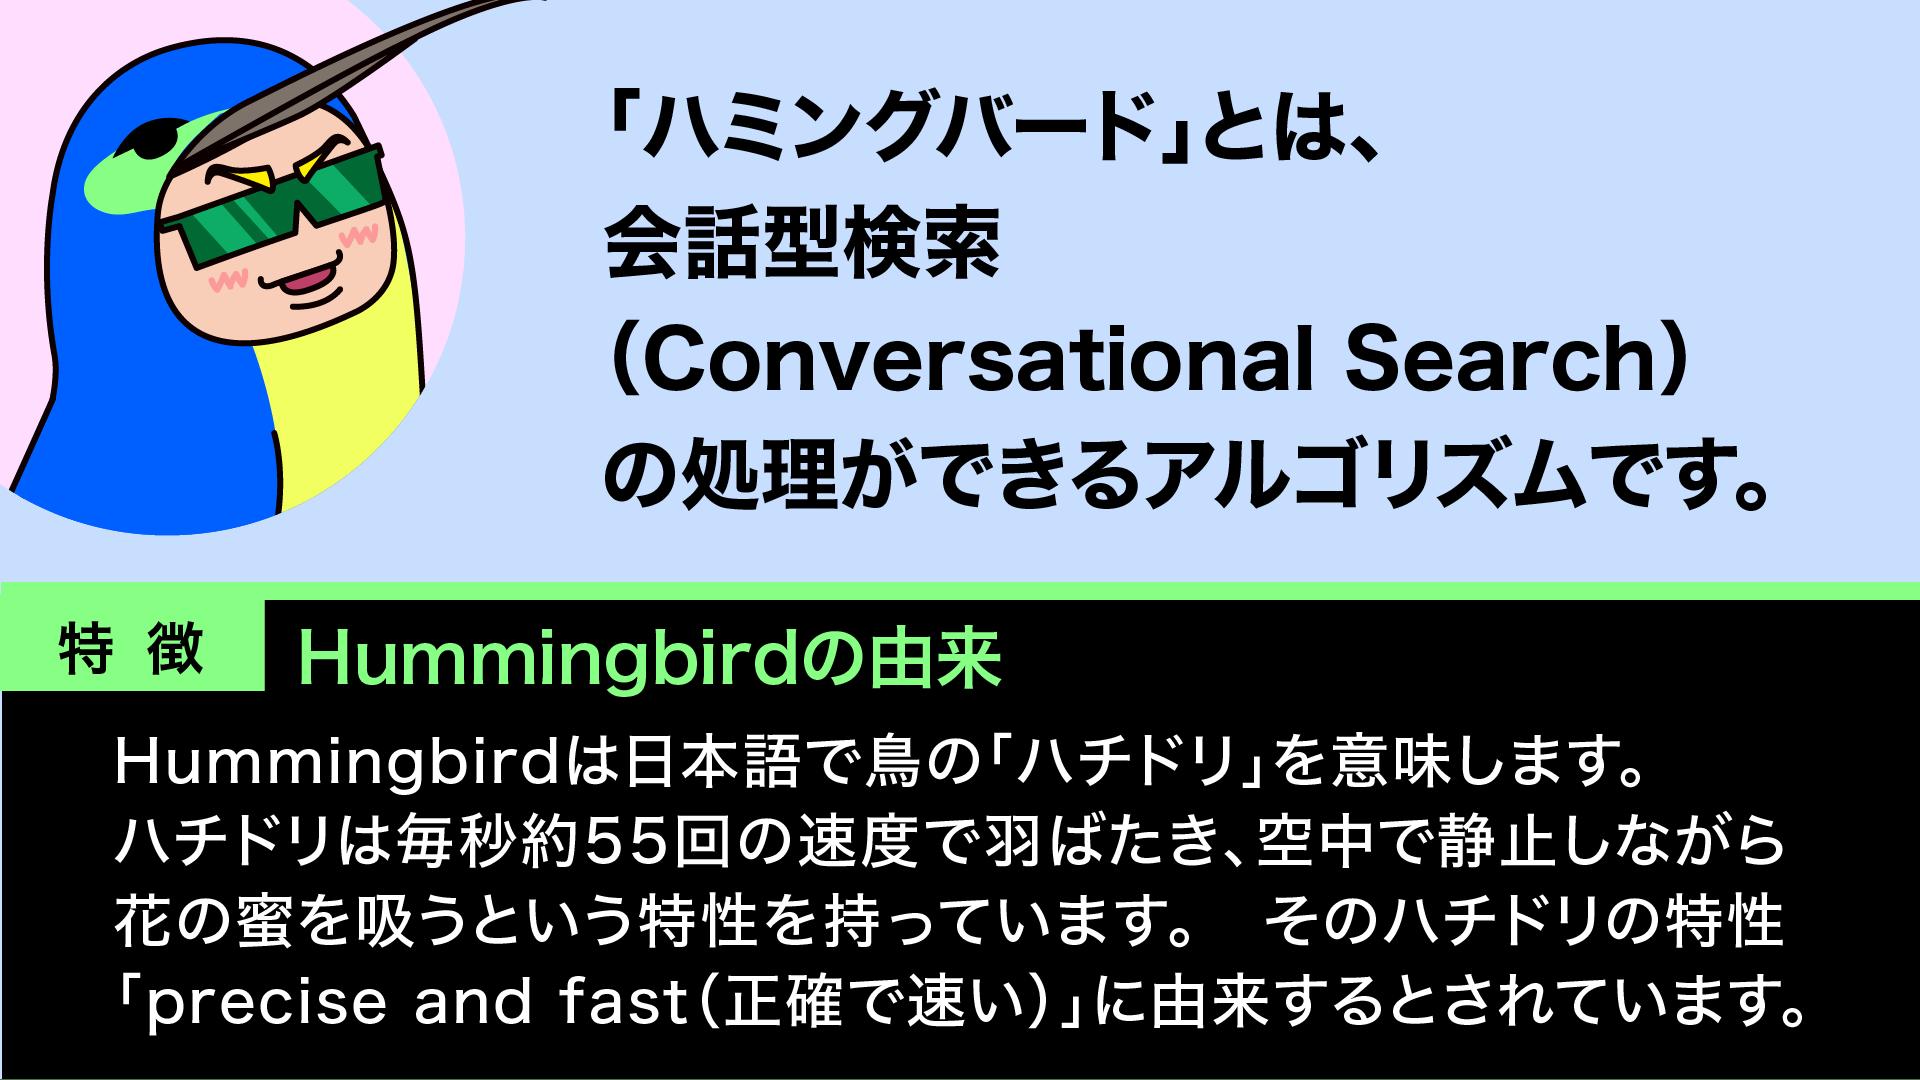 ハミングバード⑤‐漫画SEO用語集⑤